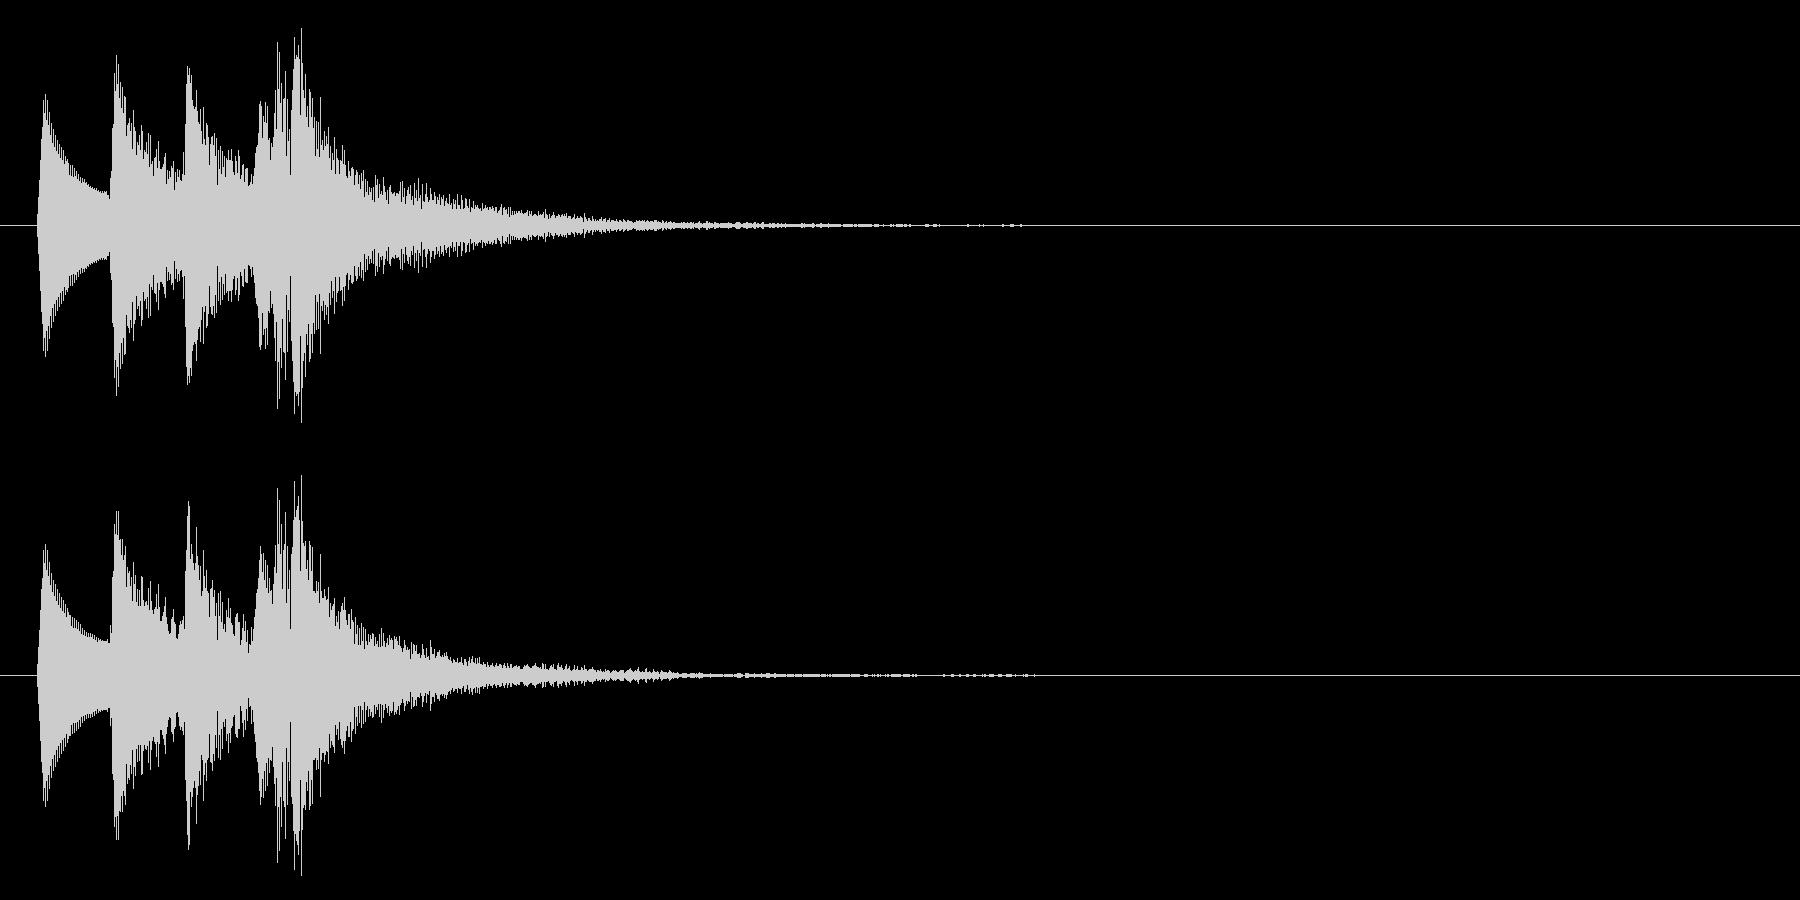 セーブ音(タララン↑、記録、ゲーム)の未再生の波形